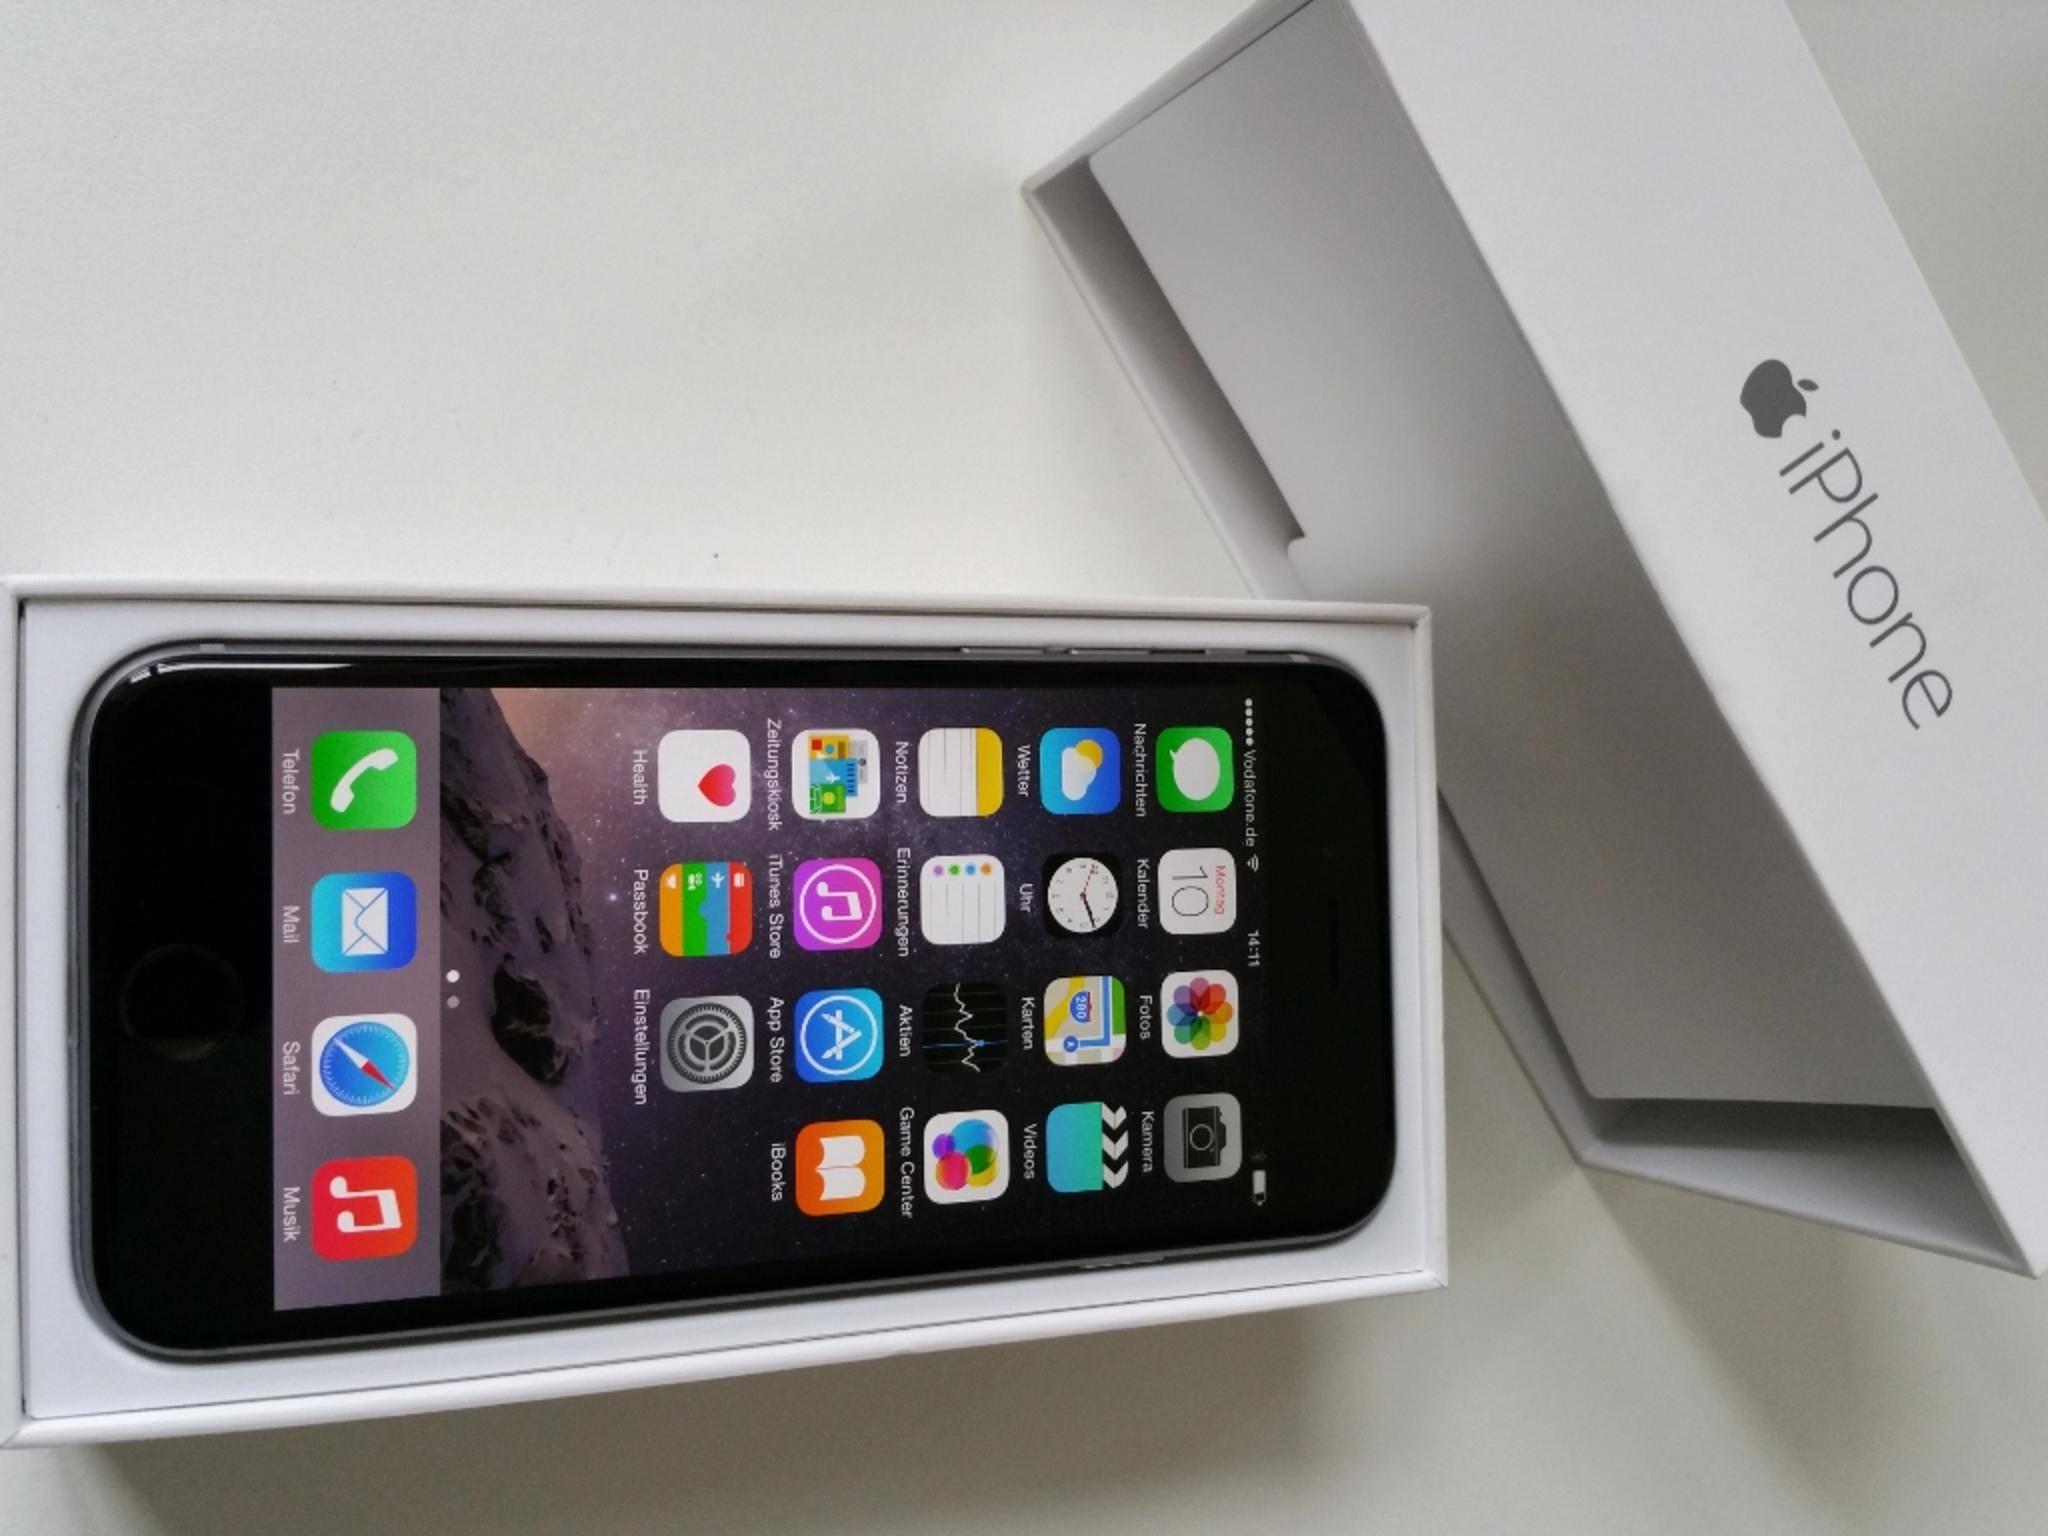 Das iPhone 6 ist für Apple noch immer ein Verkaufsschlager.